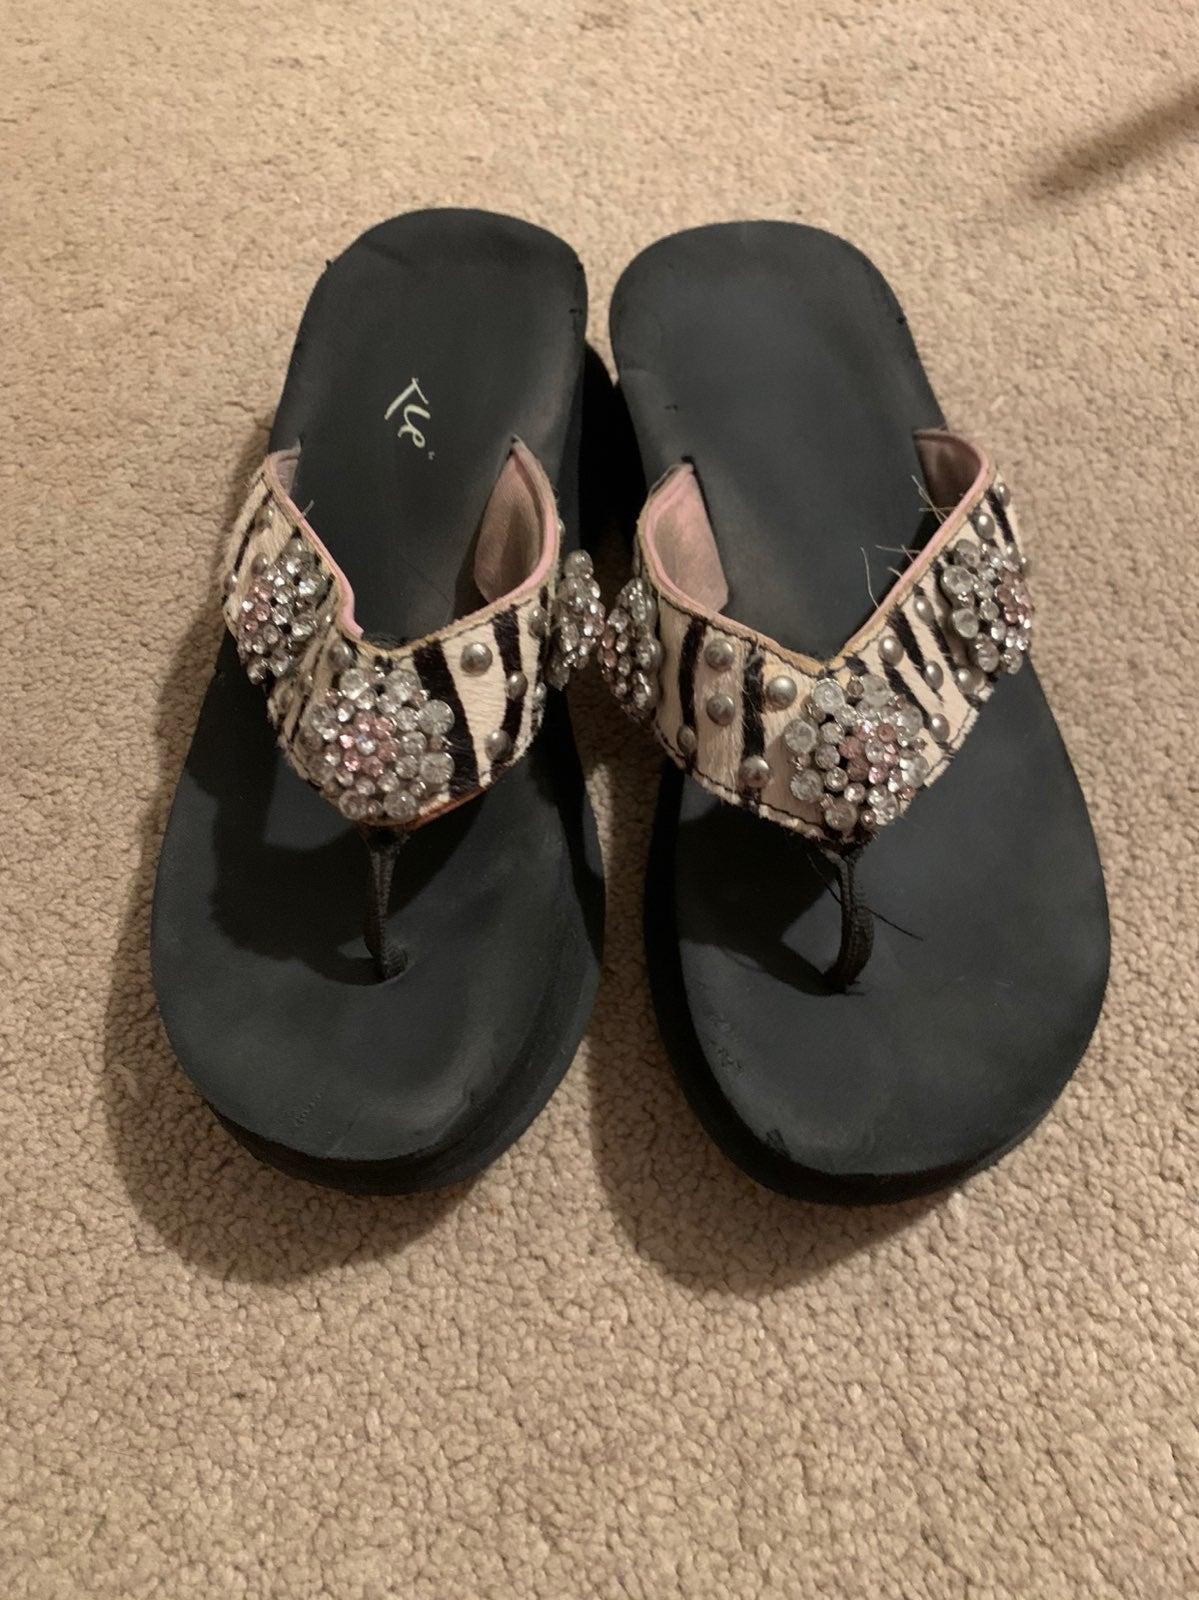 Ladies flip flops!